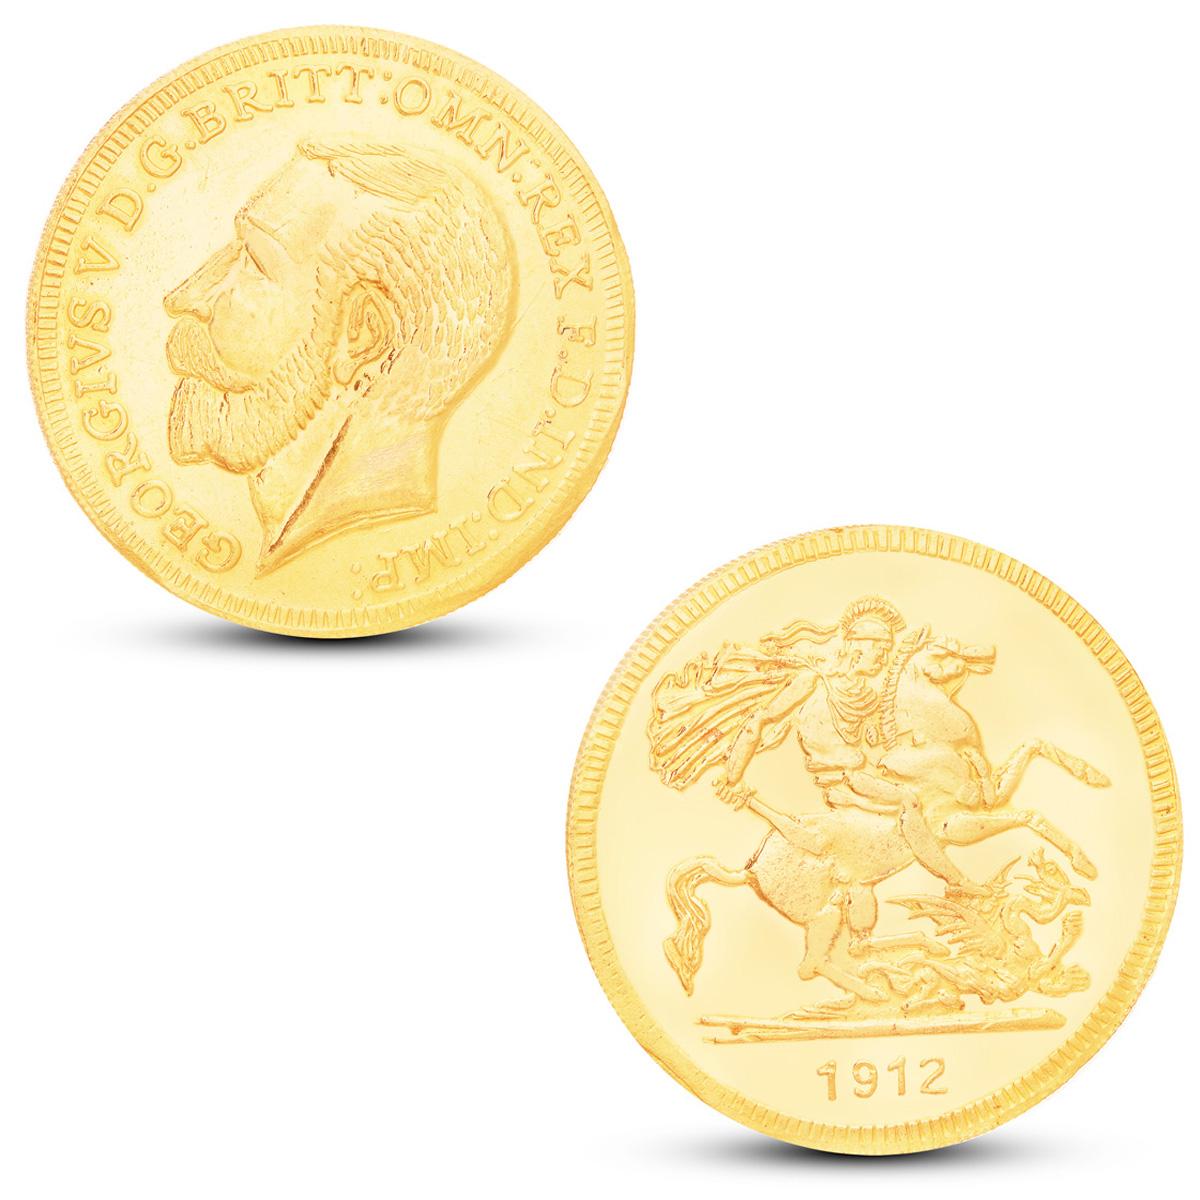 80 Gram Gold Coin